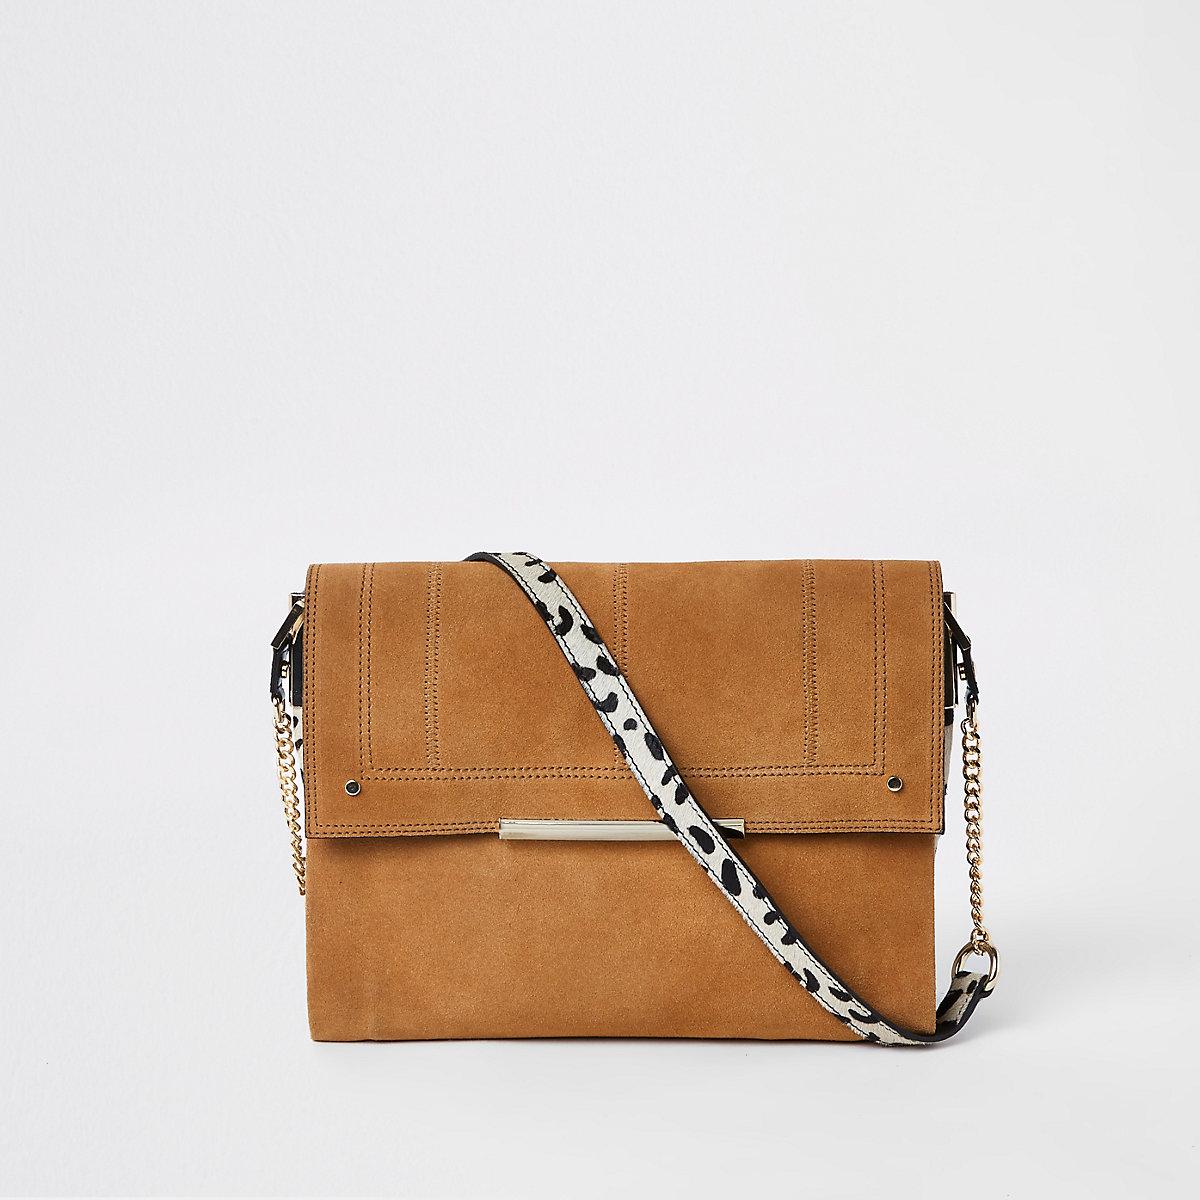 230eb527cd9c Beige suede leather under arm bag - Shoulder Bags - Bags   Purses - women